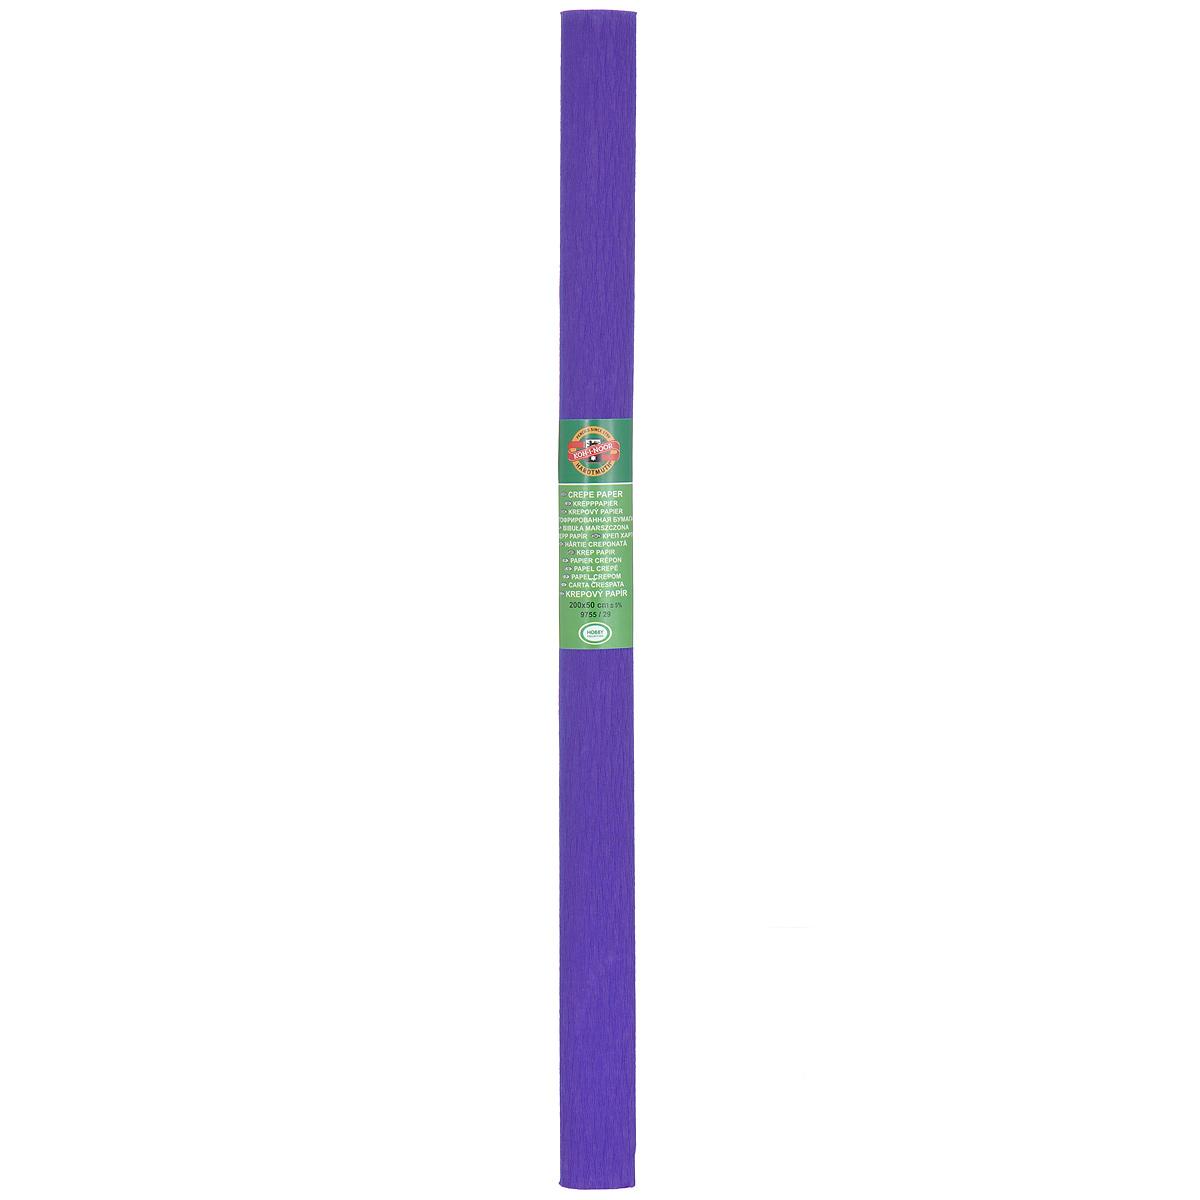 Бумага гофрированная Koh-I-Noor, цвет: темно-сиреневый, 50 см x 2 м55052Гофрированная бумага Koh-I-Noor - прекрасный материал для декорирования, изготовления эффектной упаковки и различных поделок. Бумага прекрасно держит форму, не пачкает руки, отлично крепится и замечательно подходит для изготовления праздничной упаковки для цветов.